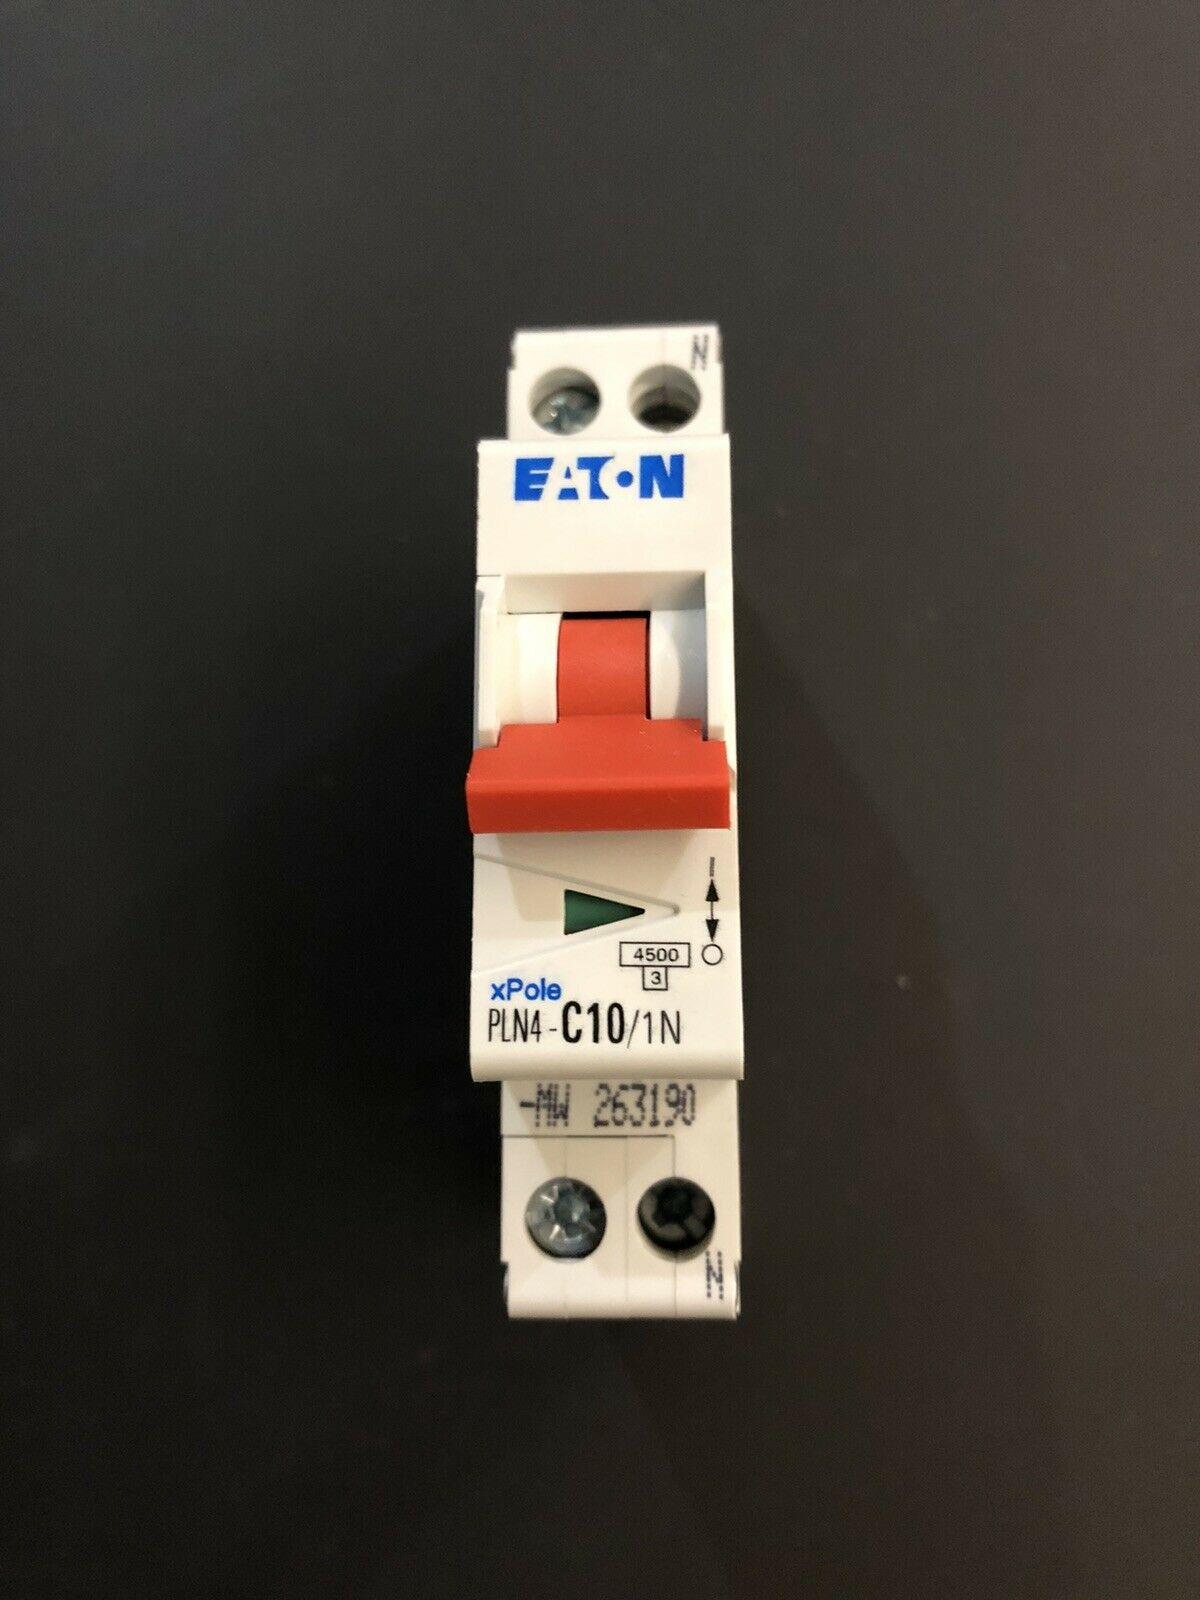 EATON-INTERRUTTORE-AUTOMATICO-MODULARE-MAGNETOTERMICO-1PN-10A-4500K-1M-263190-143536635604